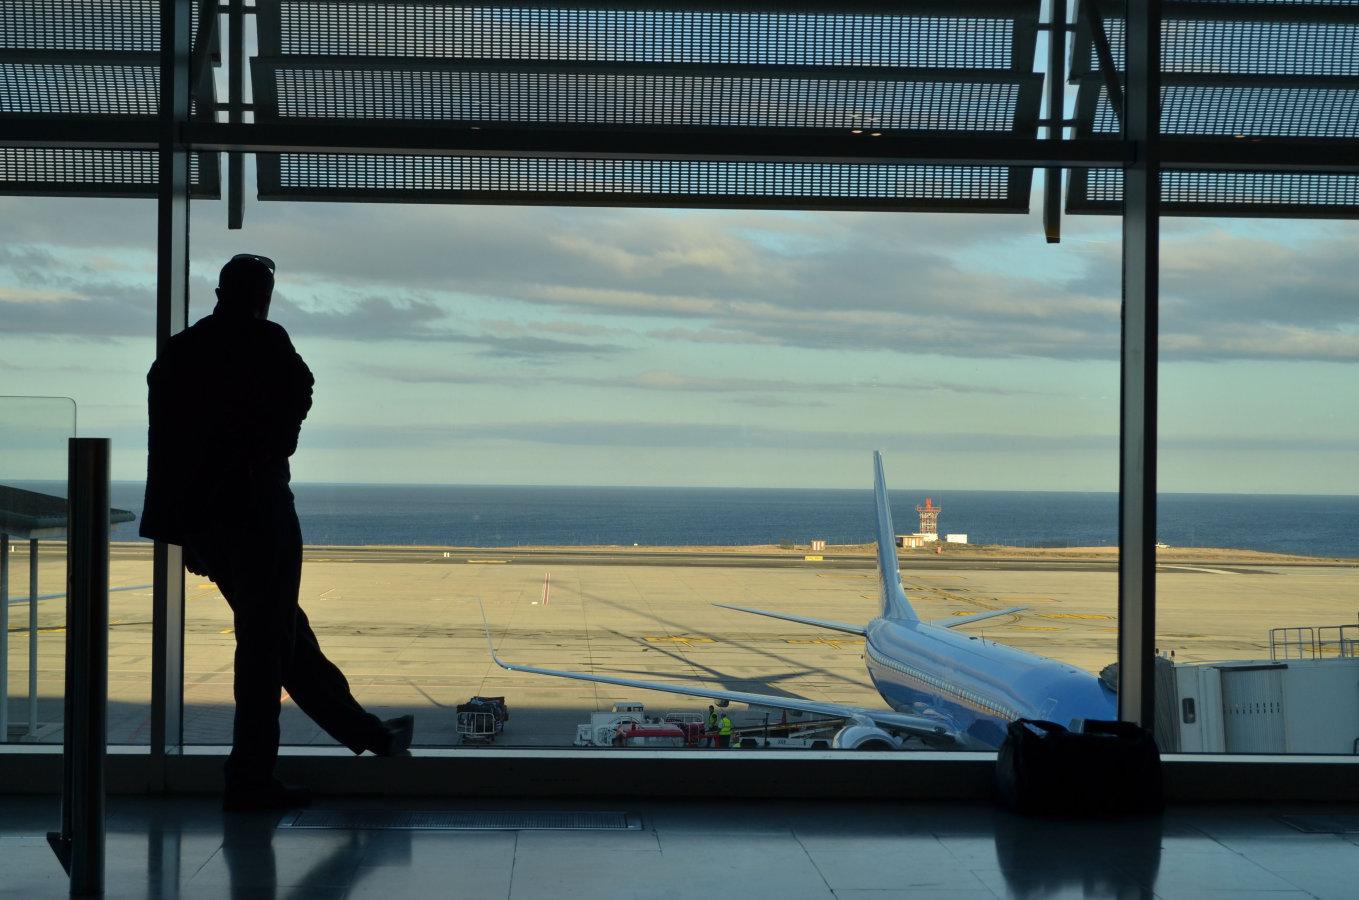 زمان انتظار در فرودگاه را چطور به نفع خودمان کنیم؟ | مجله علیبابا